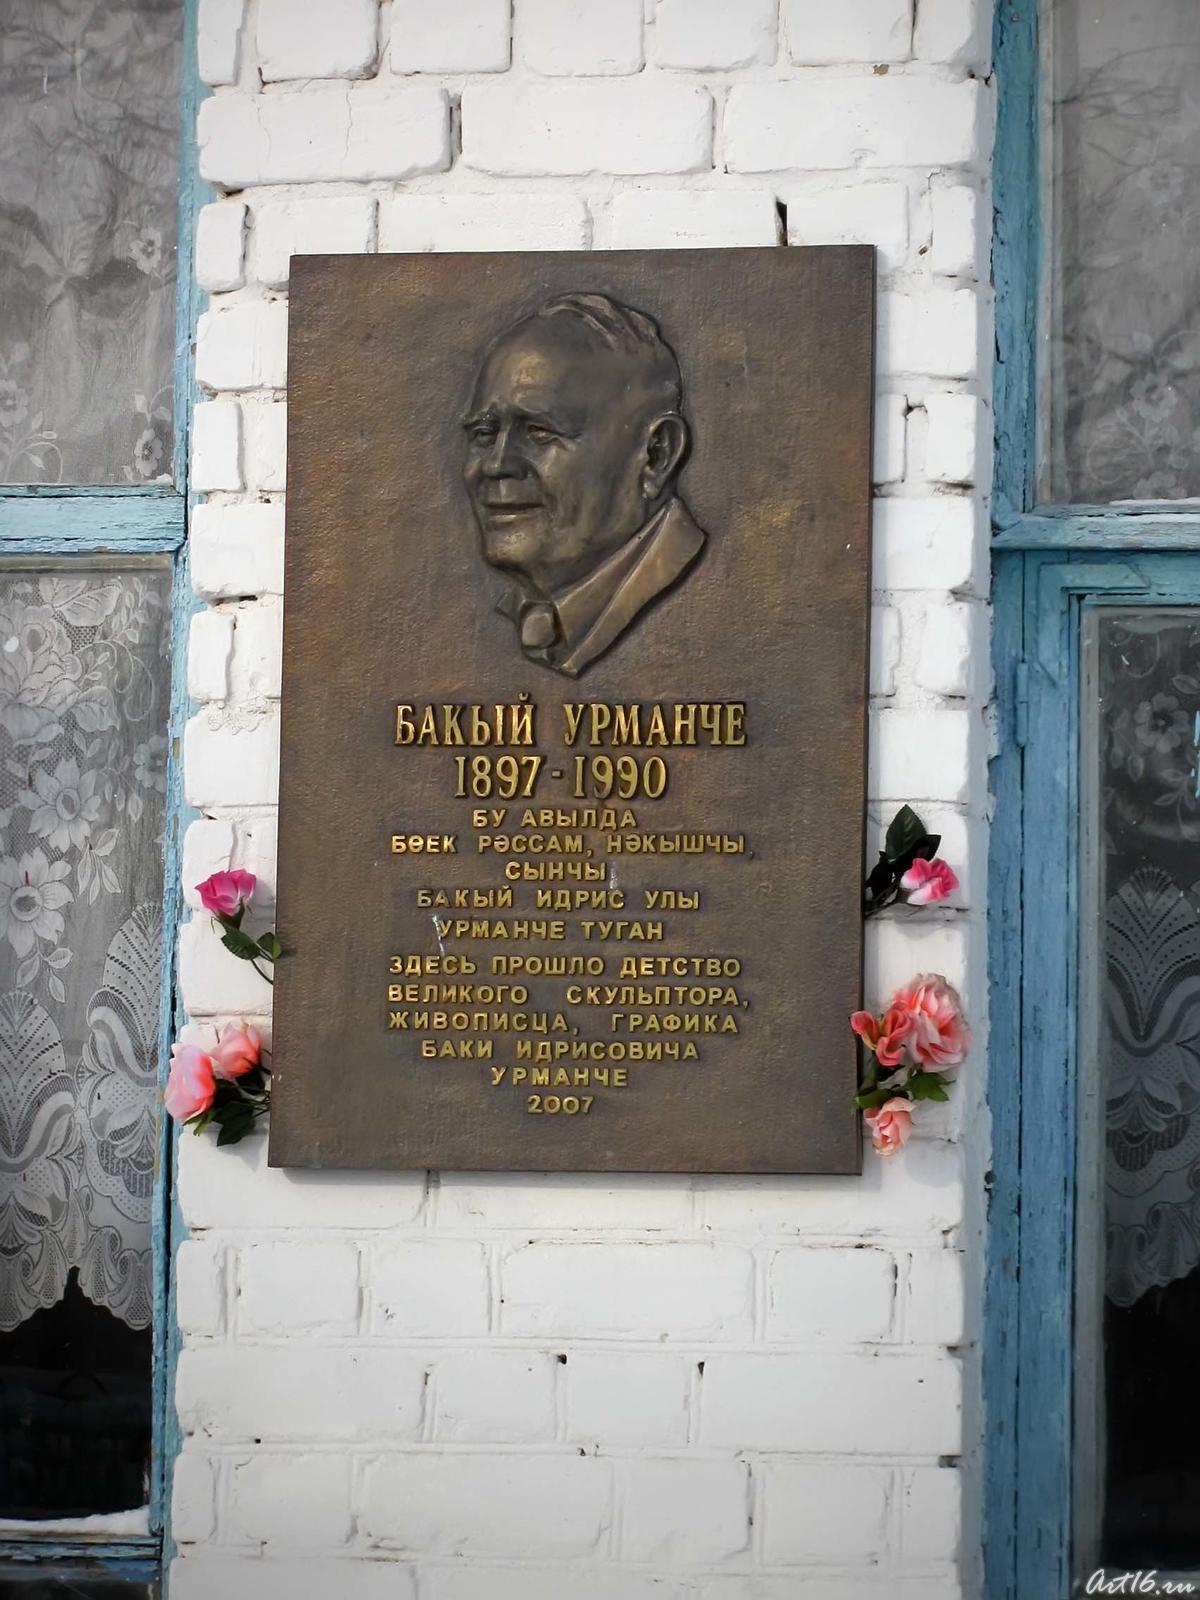 Фото №43111. Мемориальная доска на Черки-Гришинской средней  общеобразовательной школе